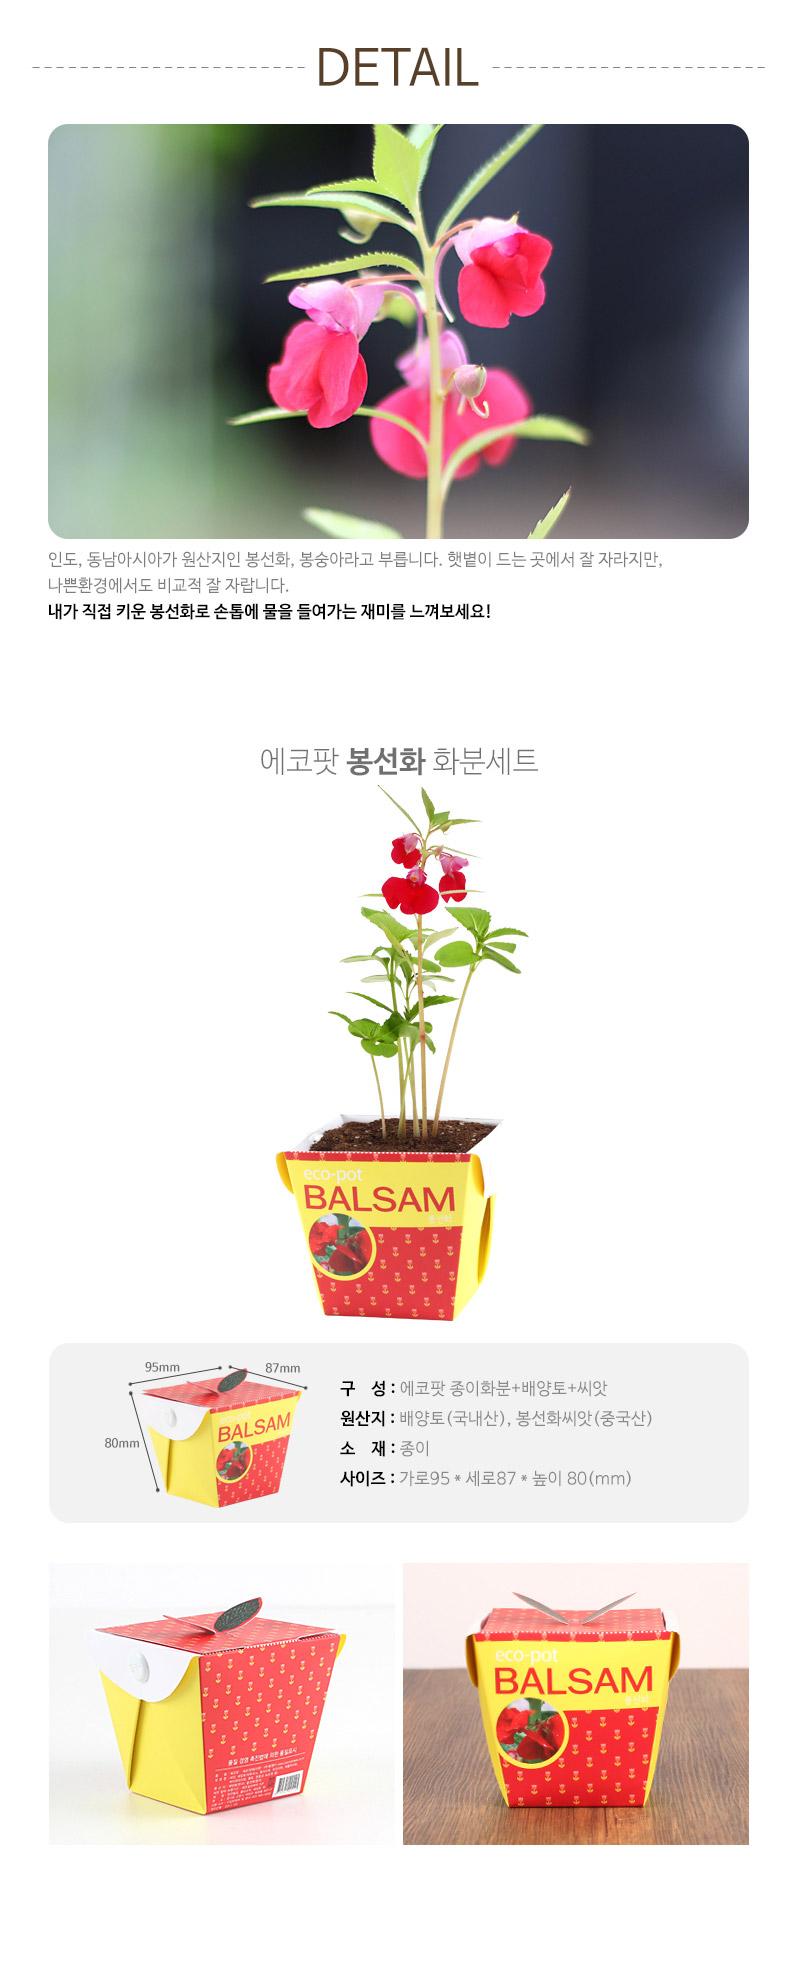 에코팟-봉선화 - 꿈쟁이플라워캔, 3,000원, 새싹/모종키우기, 새싹 키우기